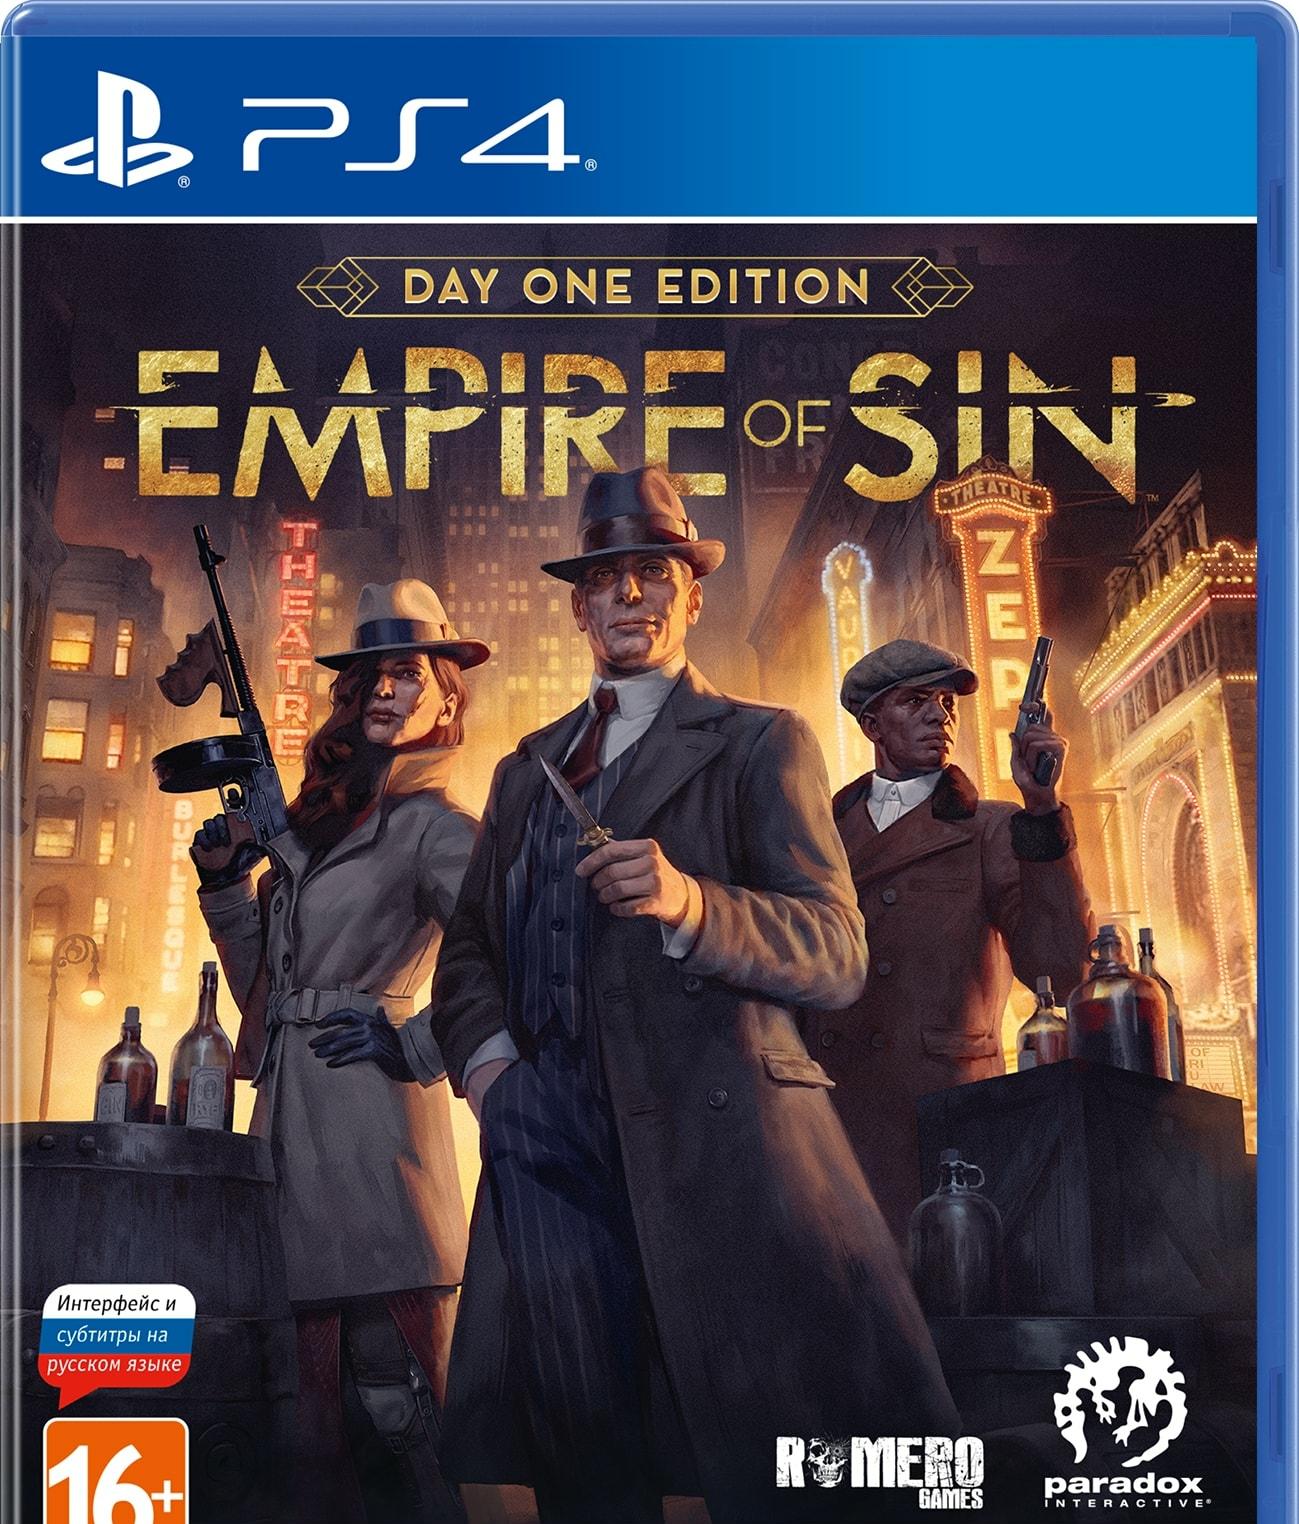 Empire of Sin. Издание первого дня для PlayStation 4